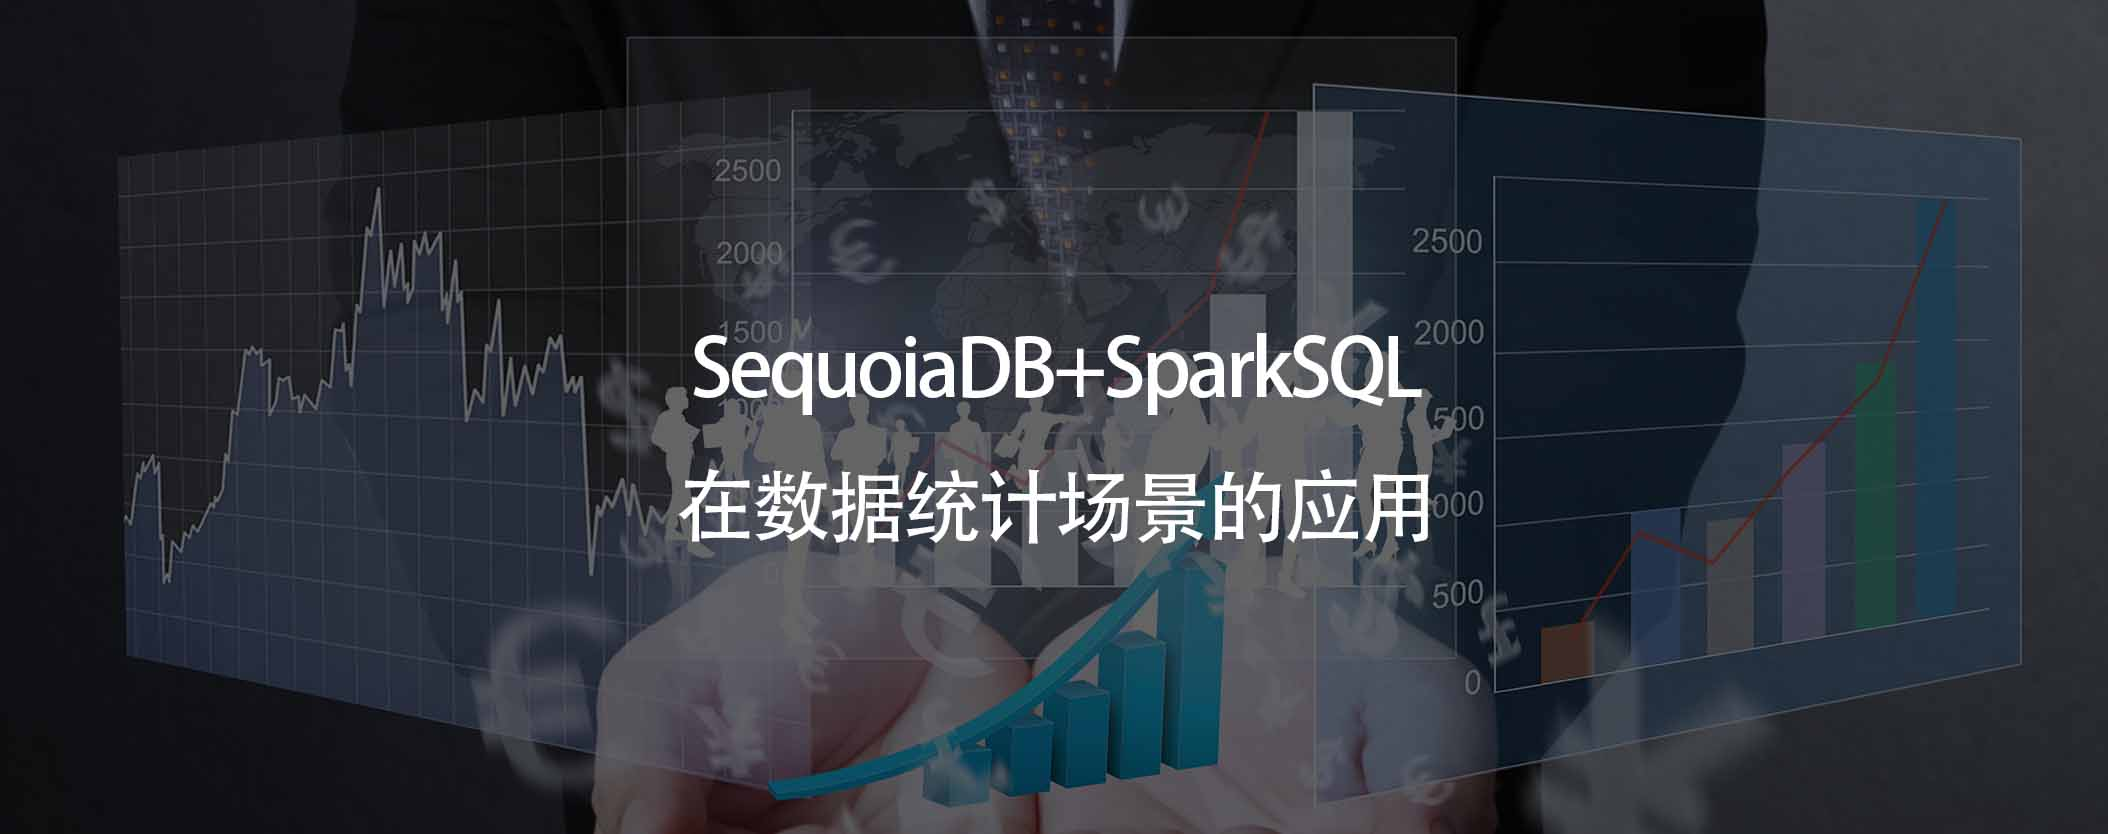 【最佳实践】SequoiaDB+SparkSQL在数据统计场景的应用